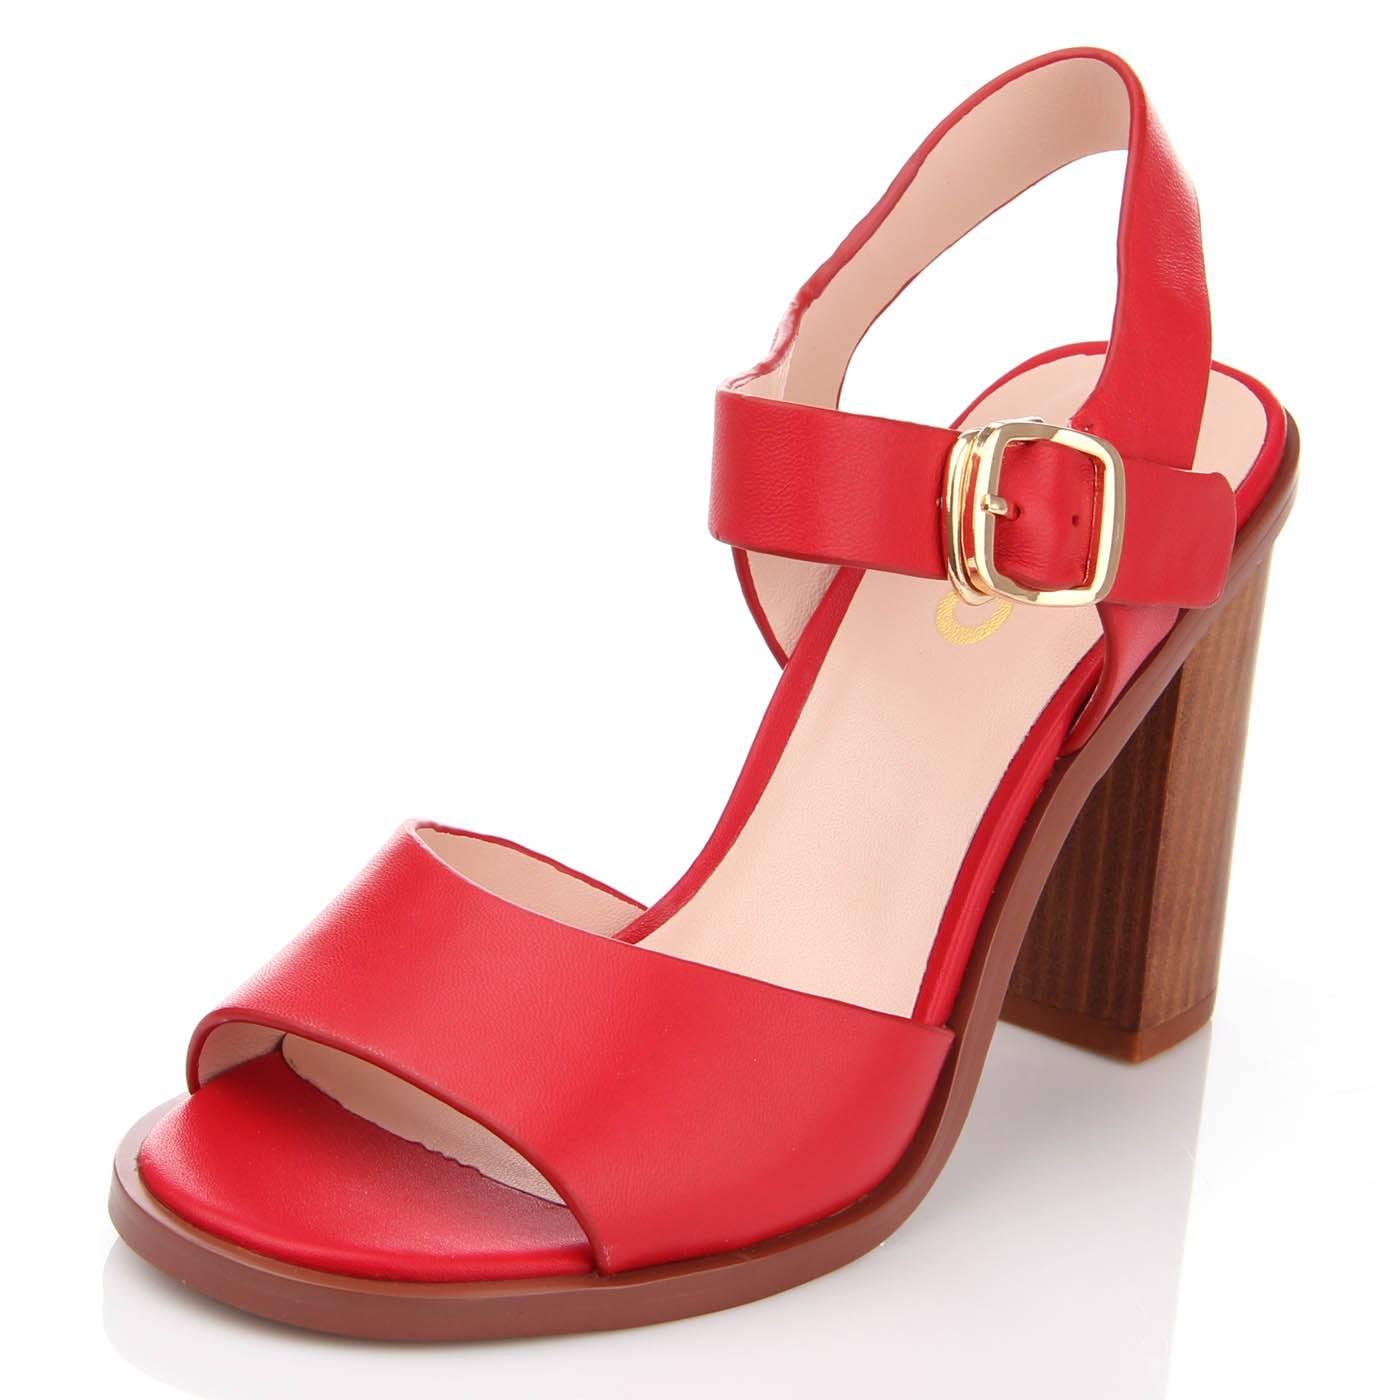 Босоніжки жіночі ditto 6694 Червоний купить по выгодной цене в ... b6ce6f97ac0d7